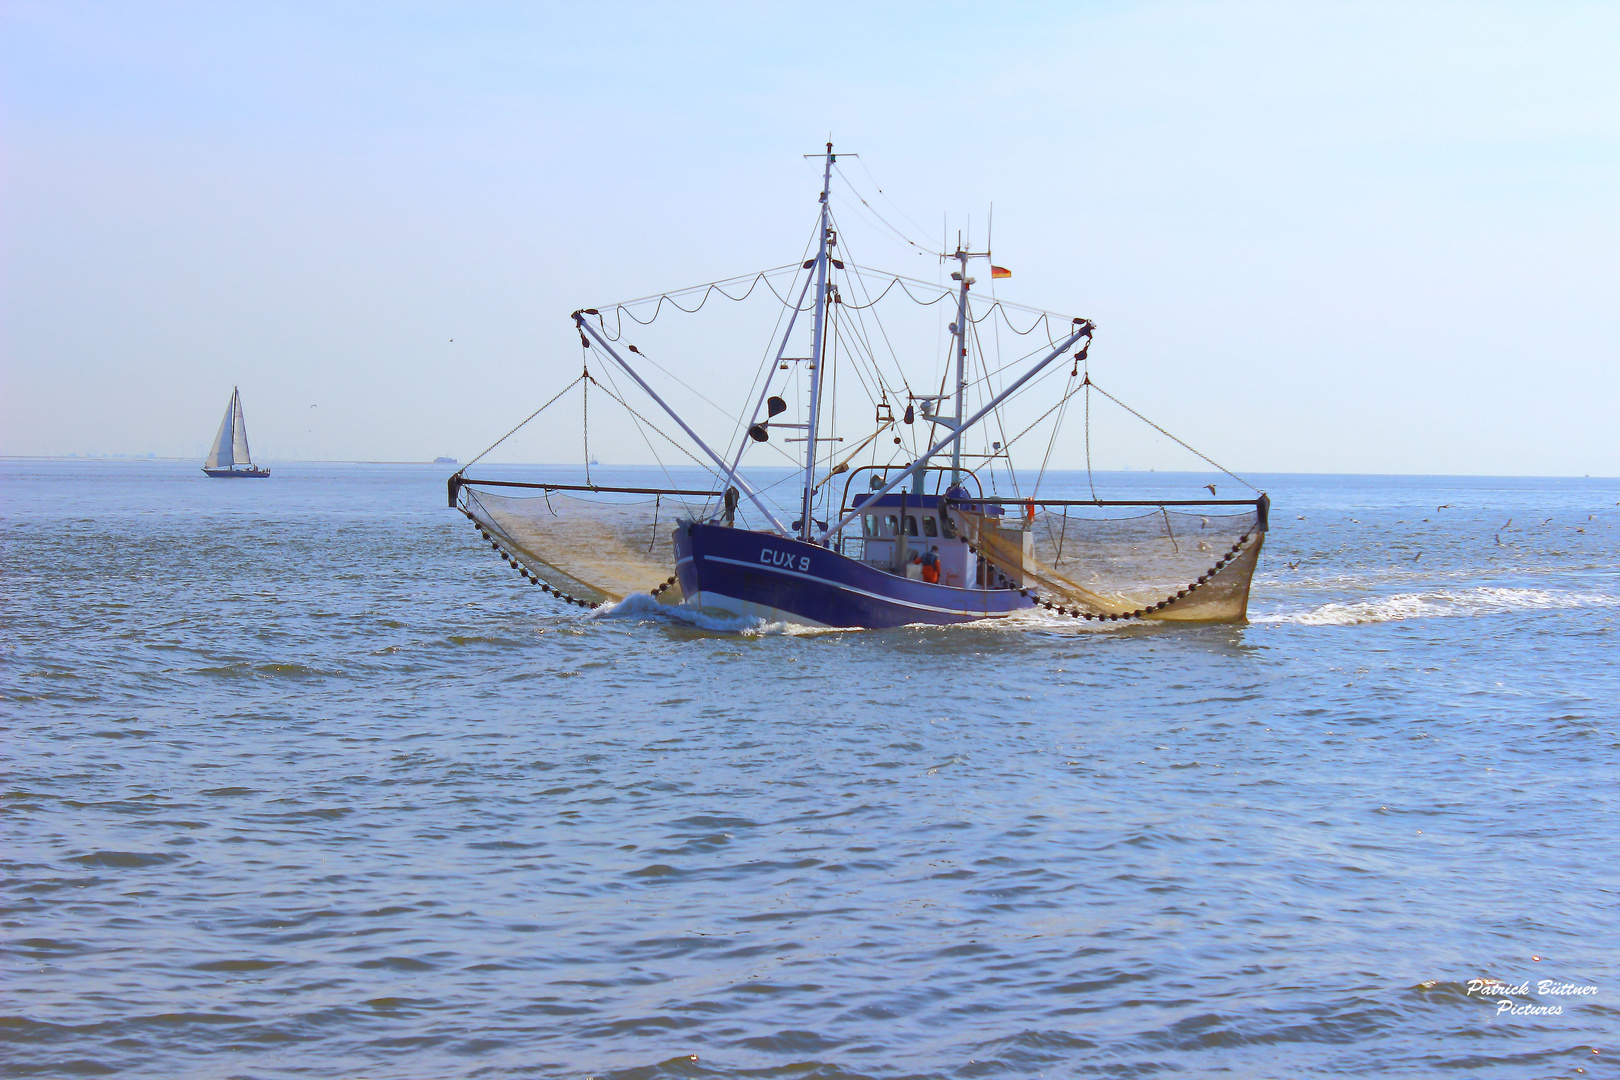 Krabbenkutter CUX9